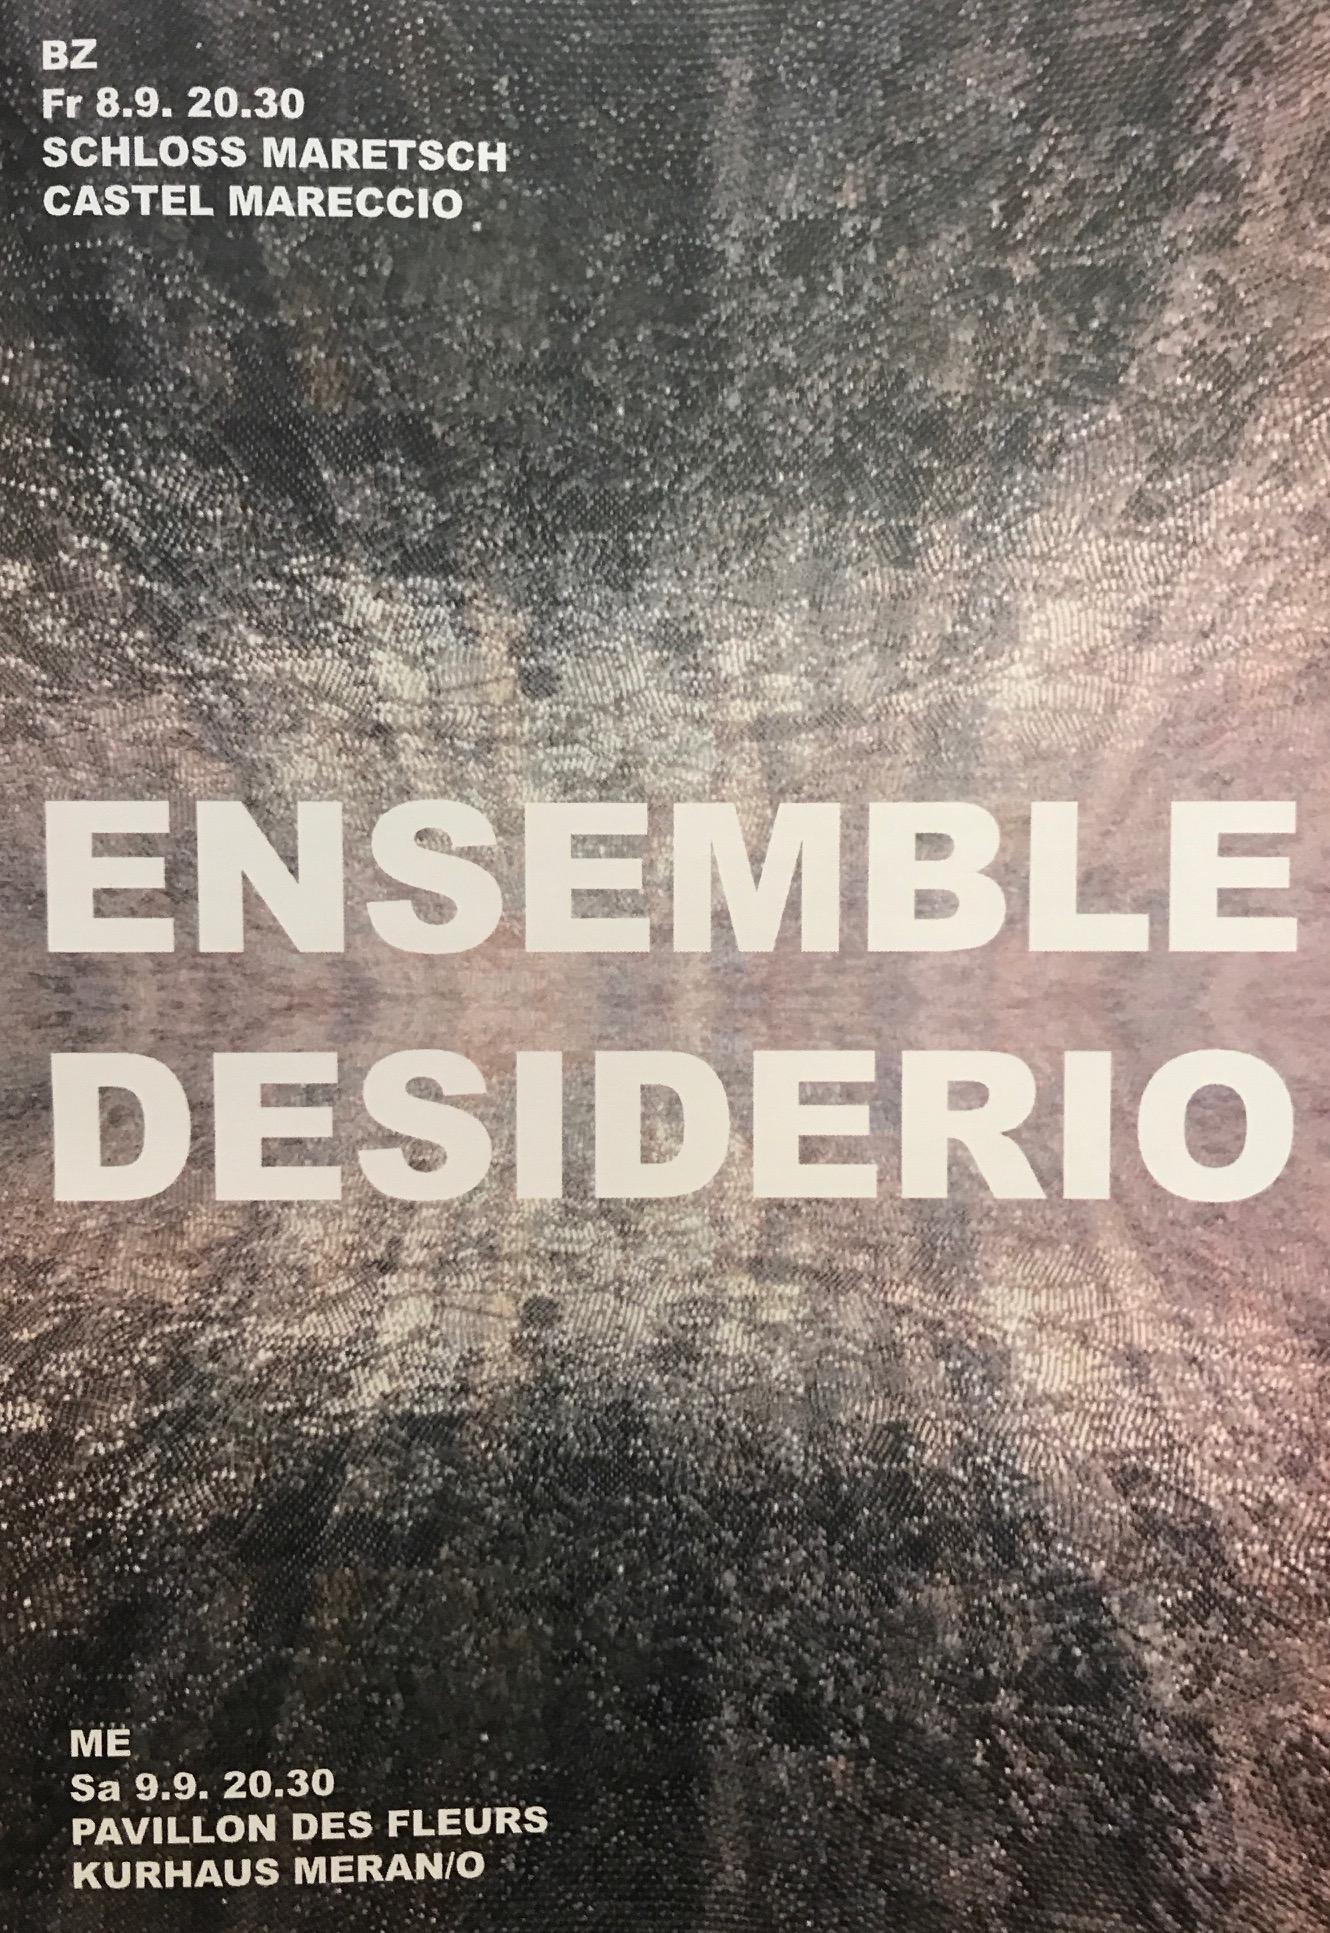 08.09.2017 – ENSEMBLE DESIDERIO – Mahler Symphony No. 4